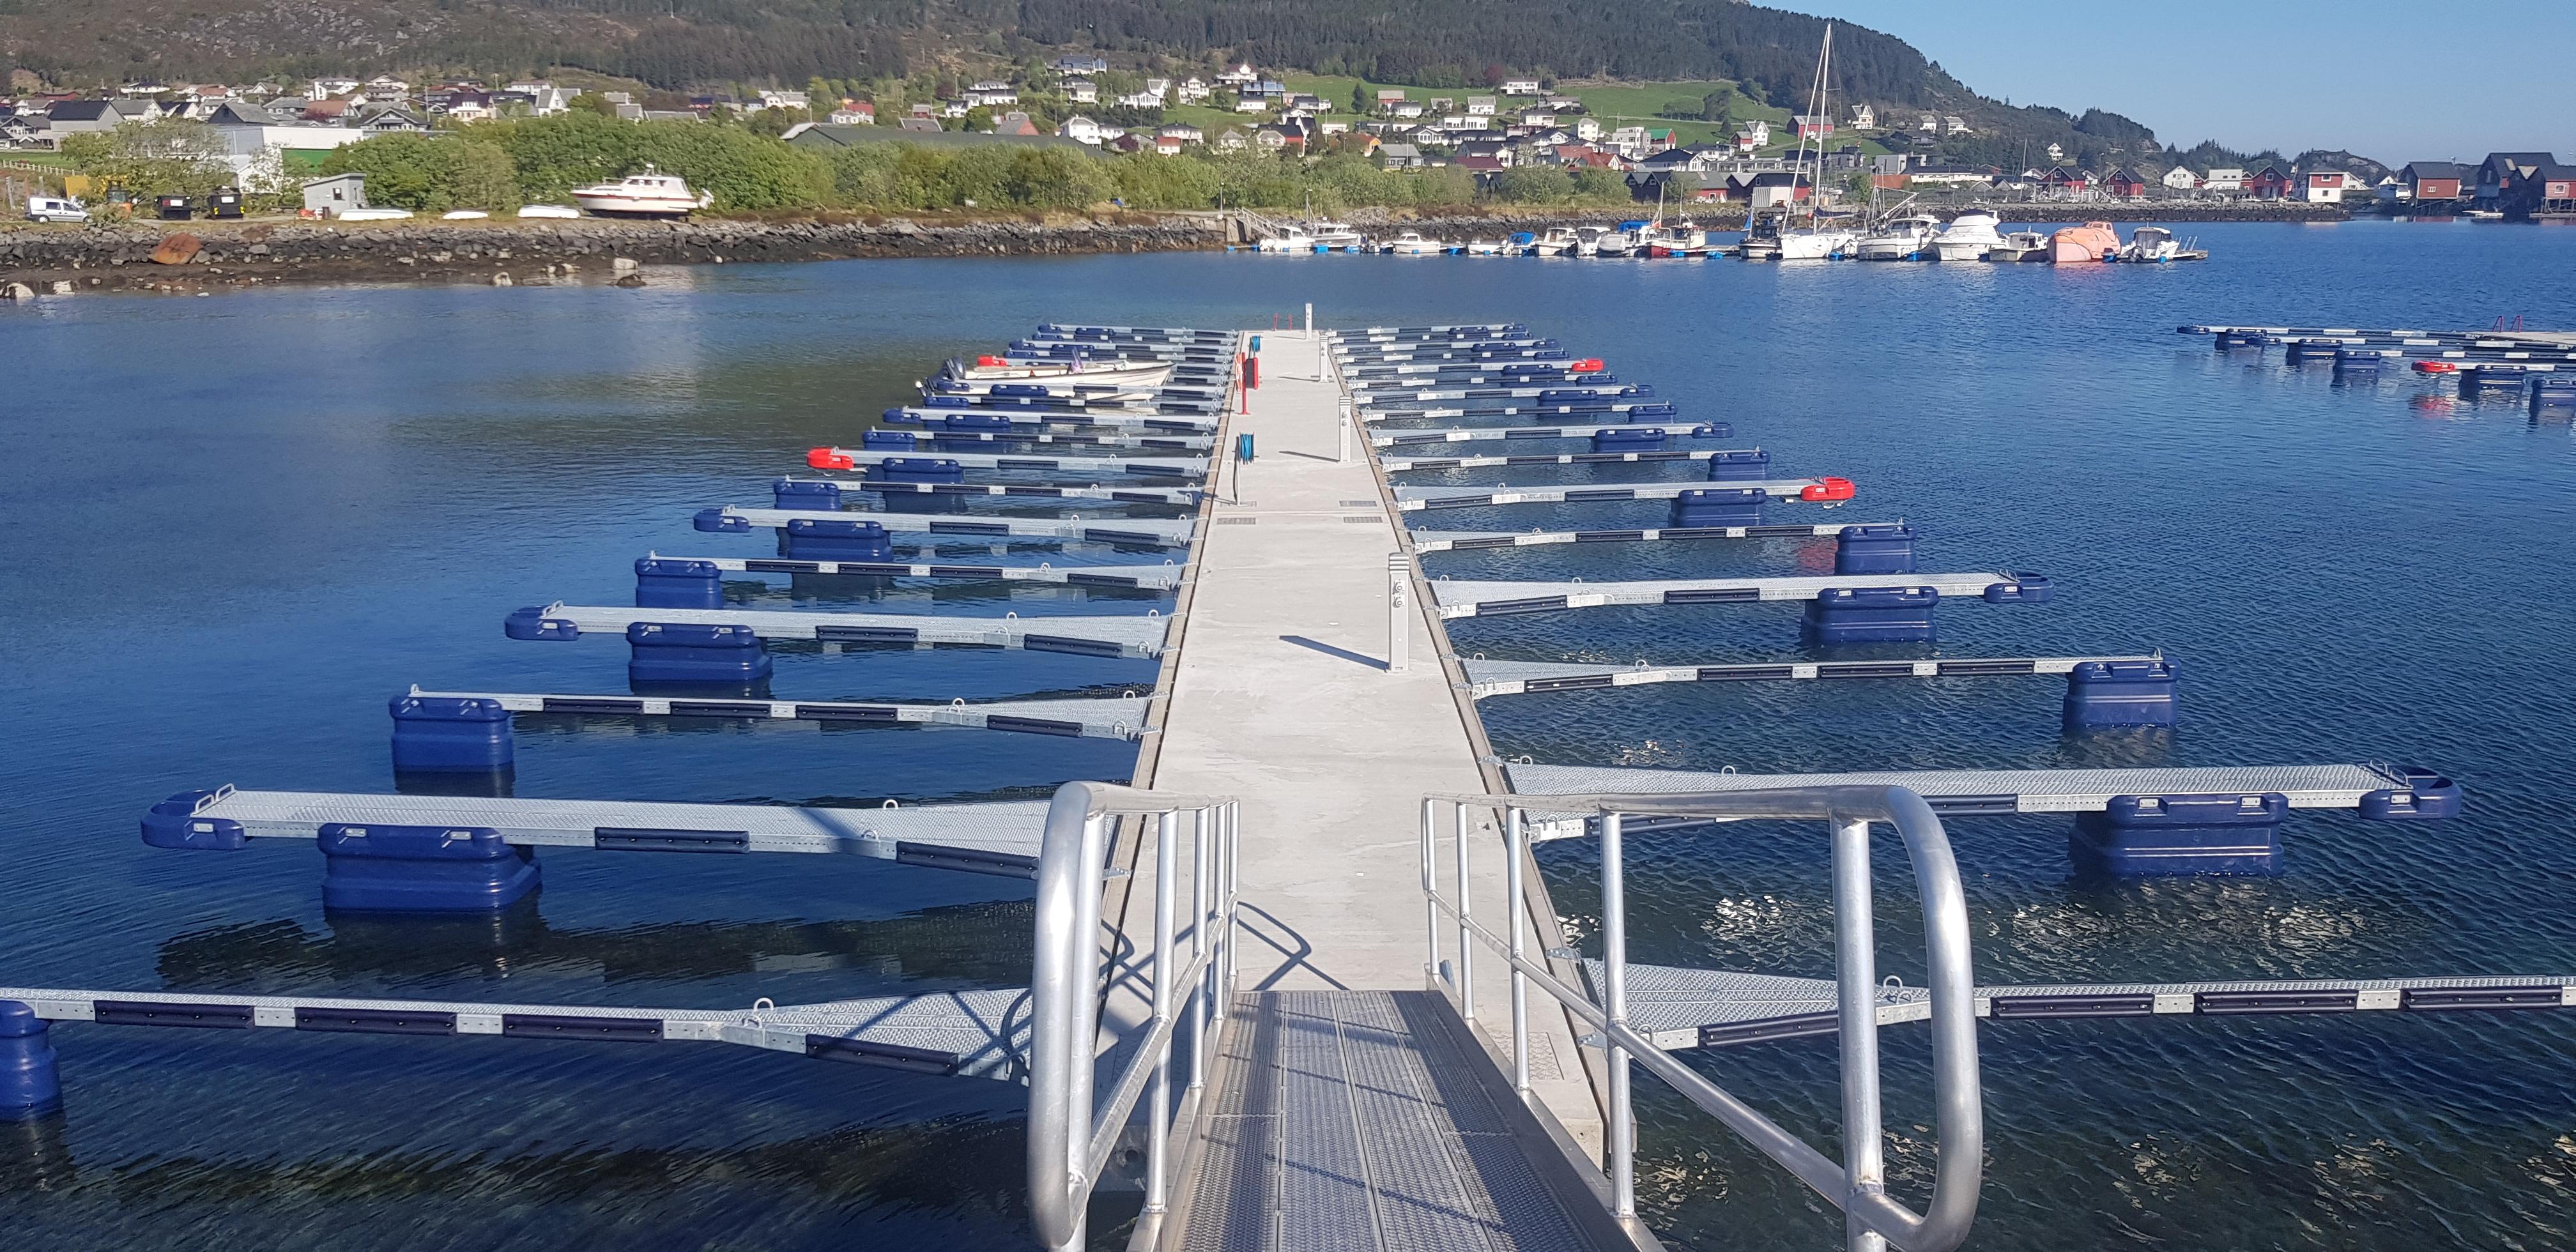 https://marinasolutions.no/uploads/Søre-Vaulen-småbåtlag-foto-John-Dagfinn-Frøystad-3_2021-06-03-103836.jpg